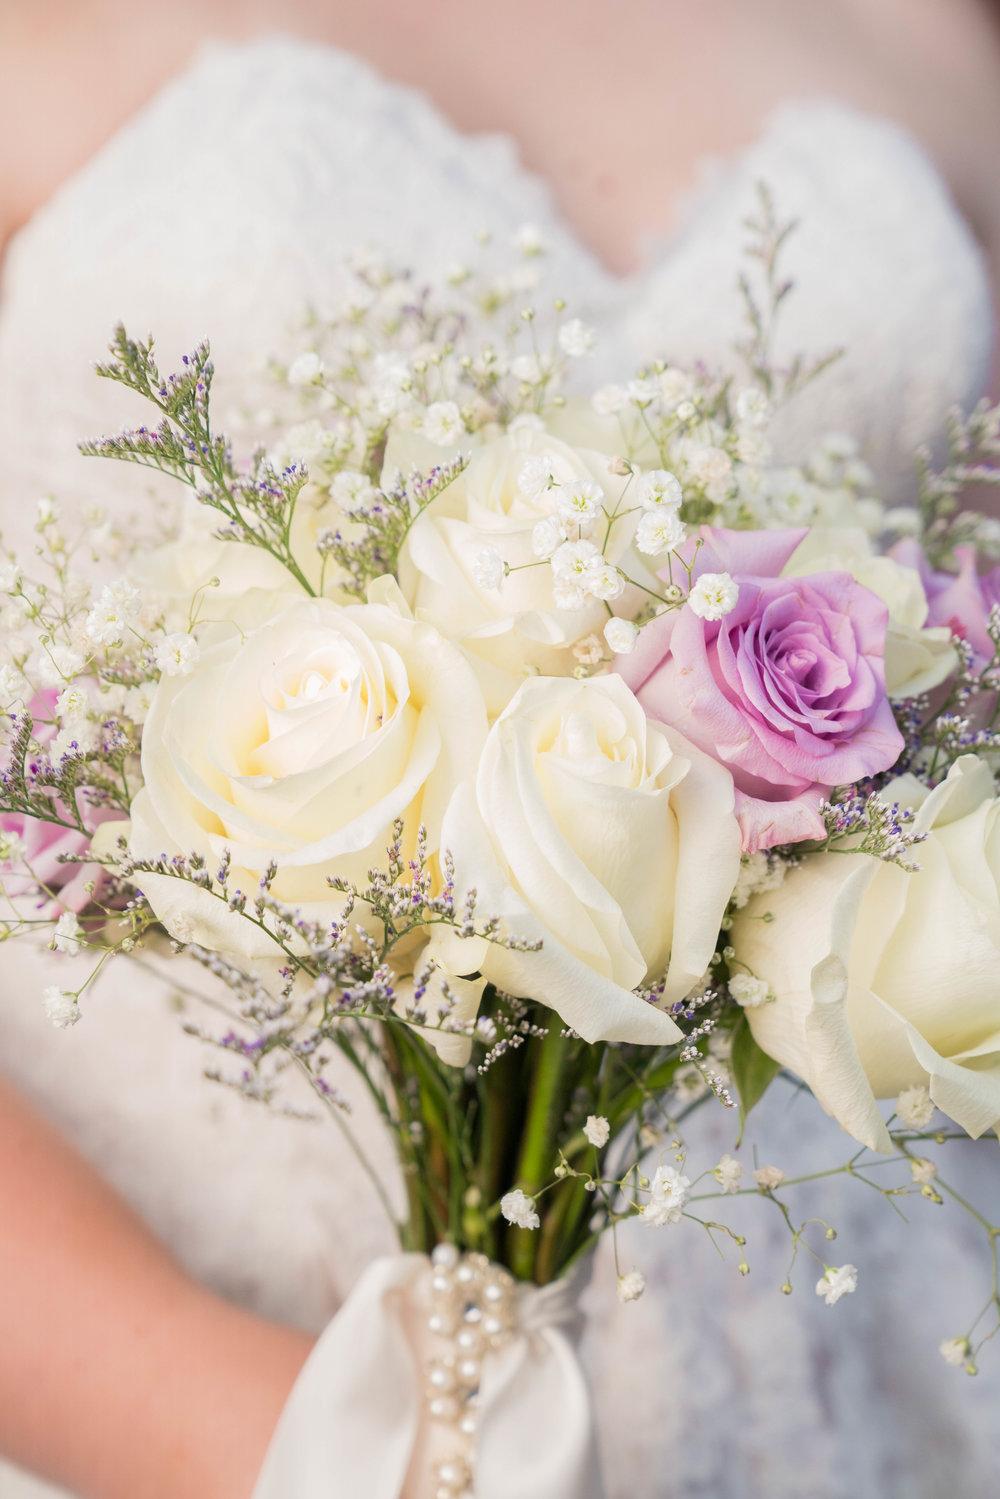 Bride Maids & Family Together LR-101.jpg